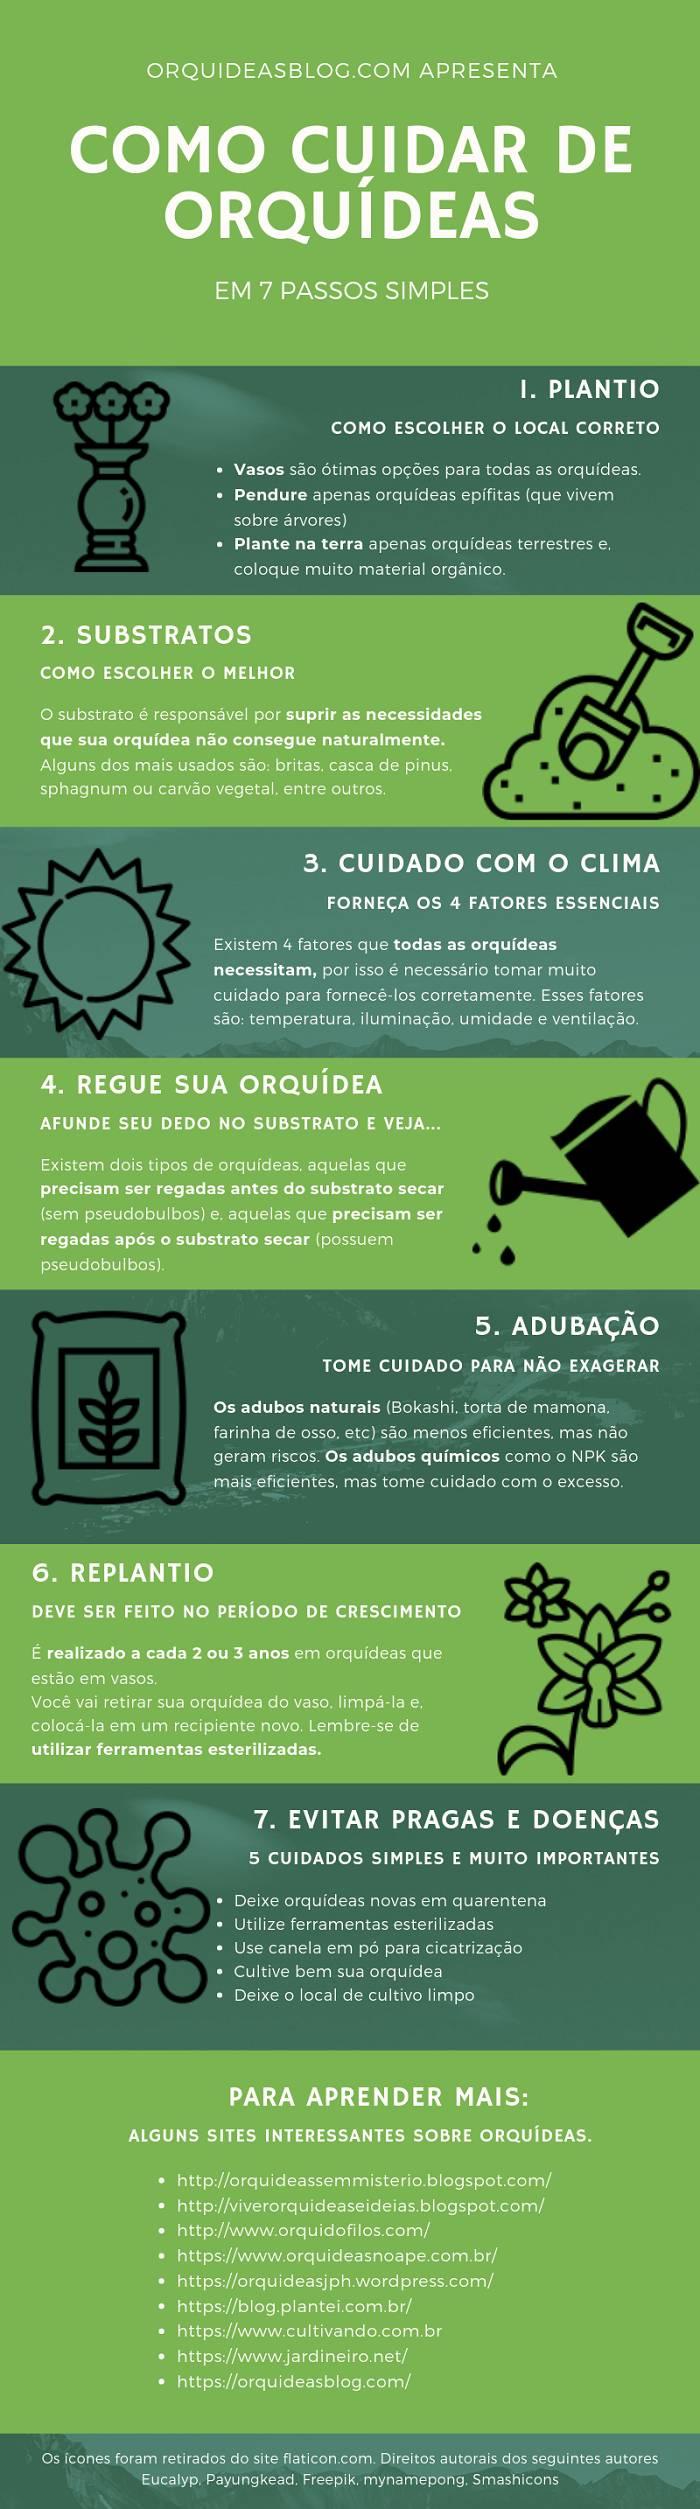 Infográfico-Como-Cuidar-de-Orquídeas